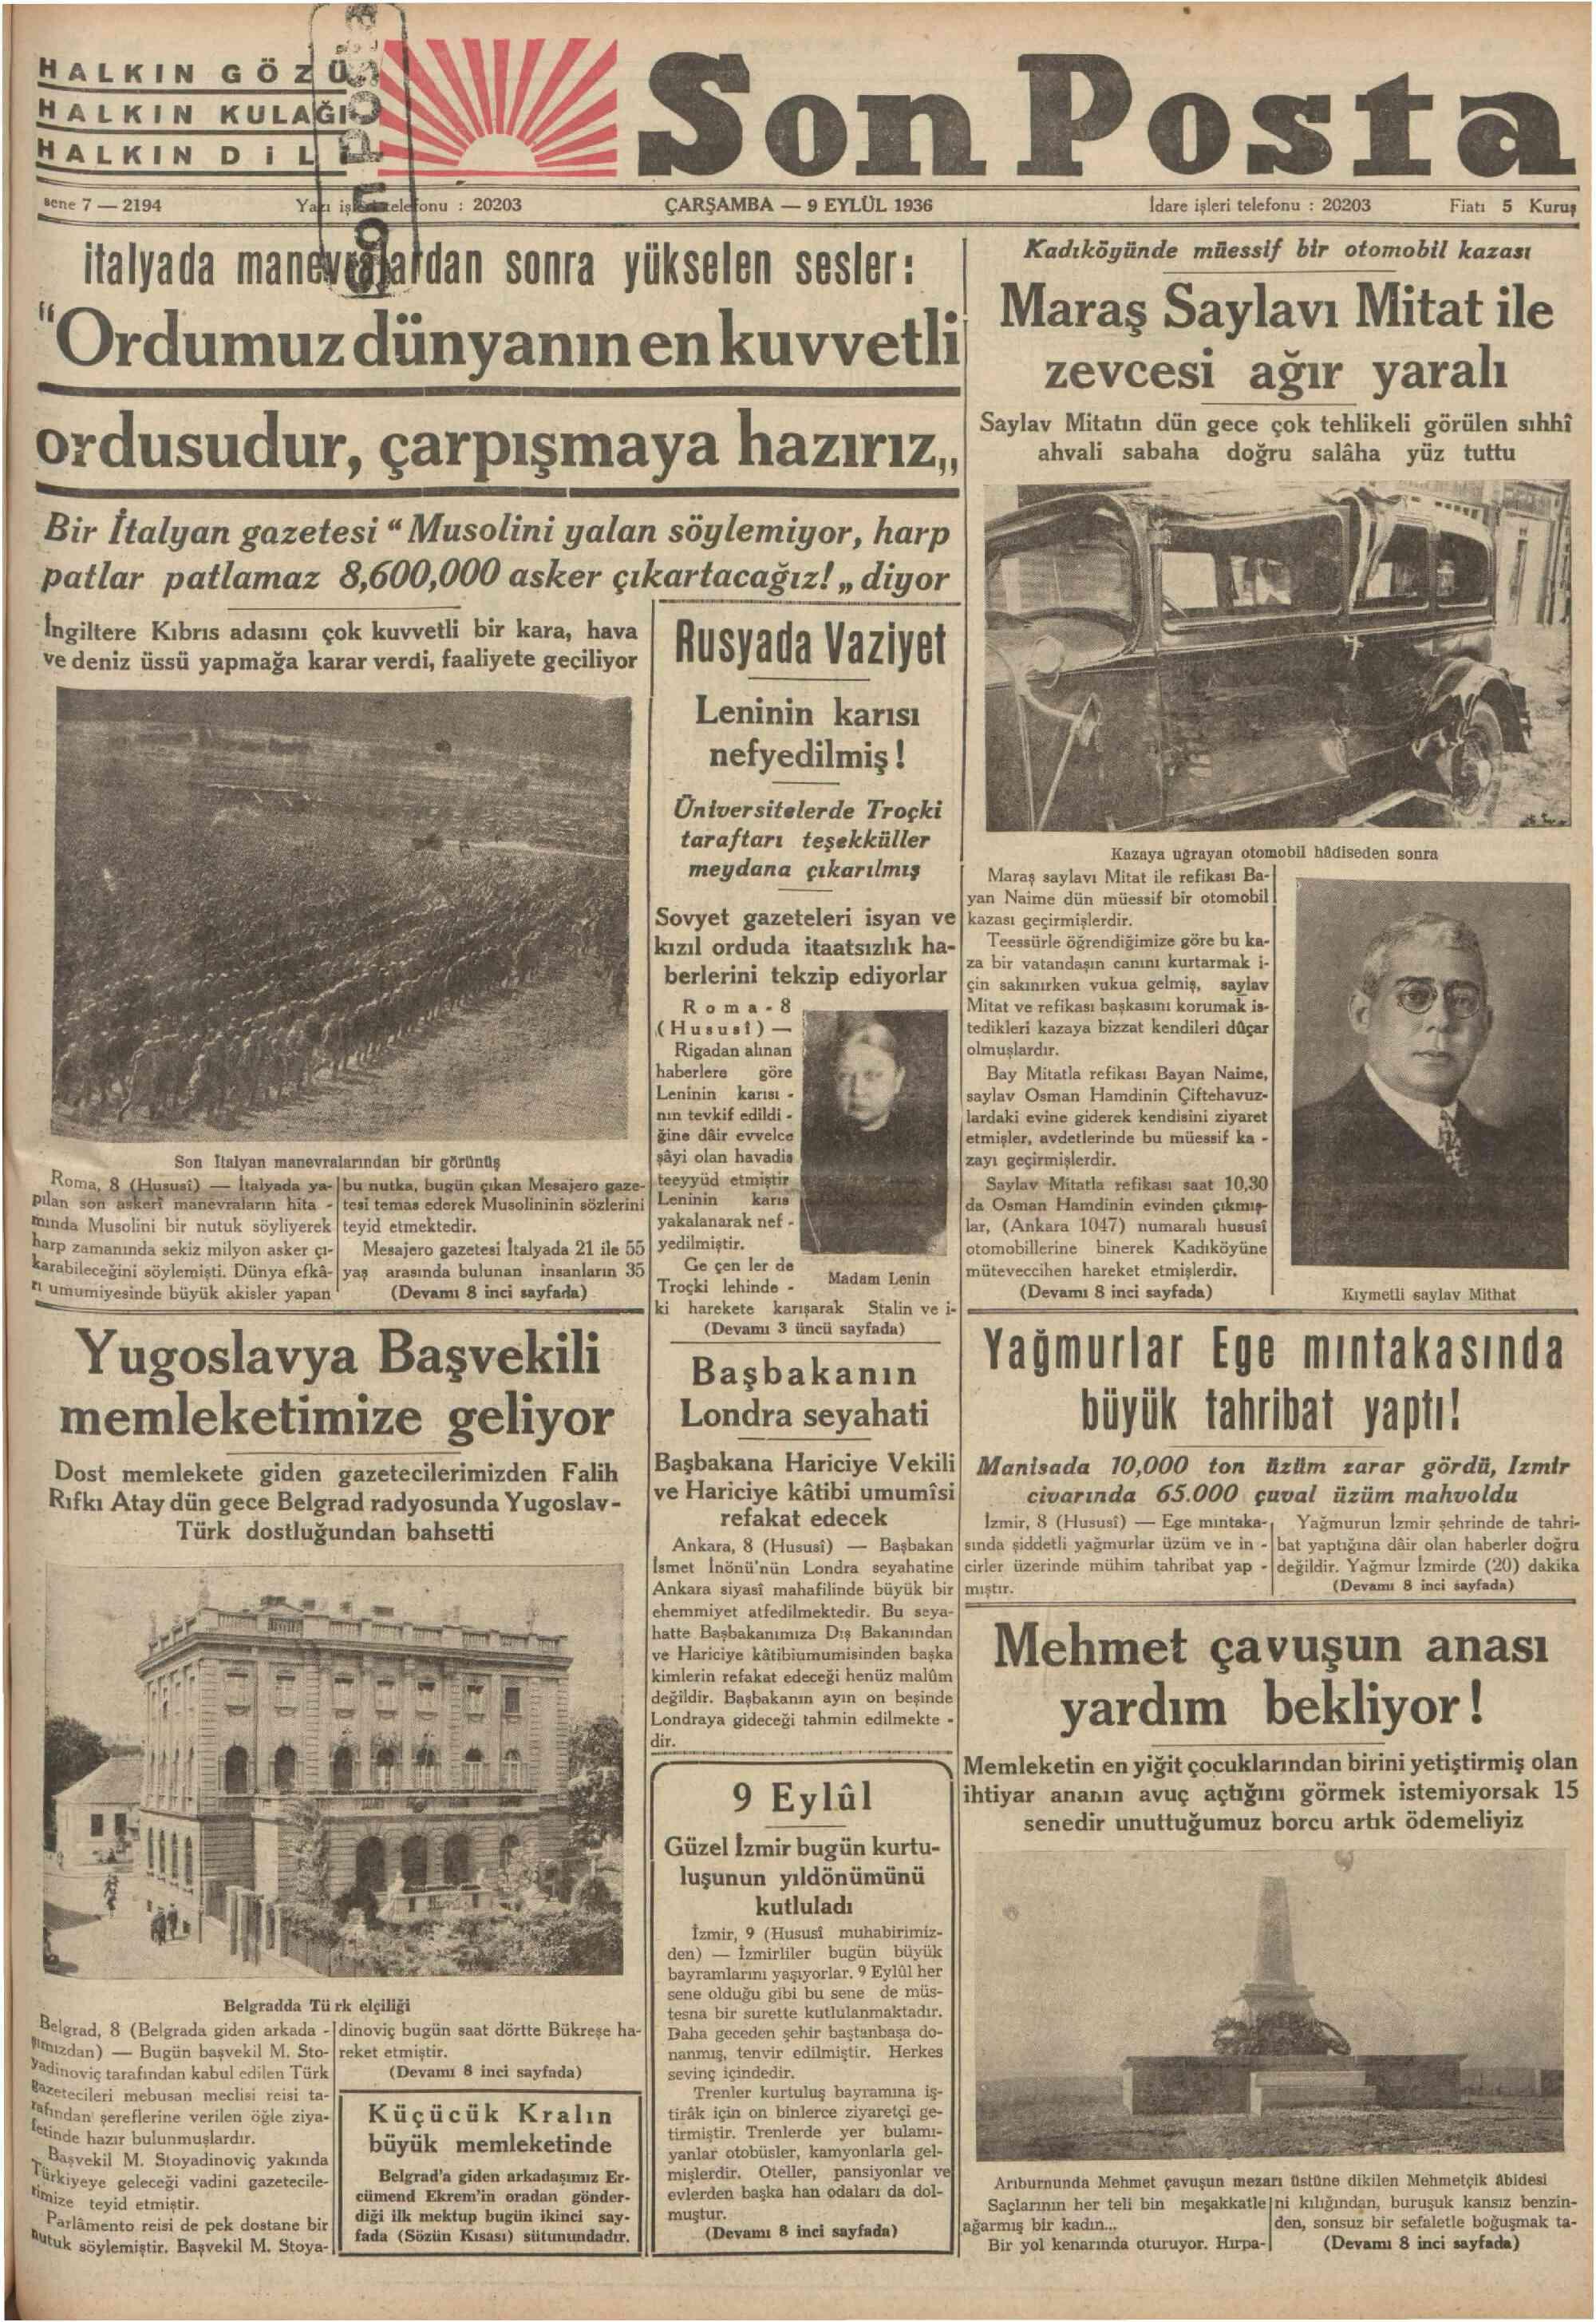 9 Eylül 1936 Tarihli Son Posta Gazetesi Sayfa 1